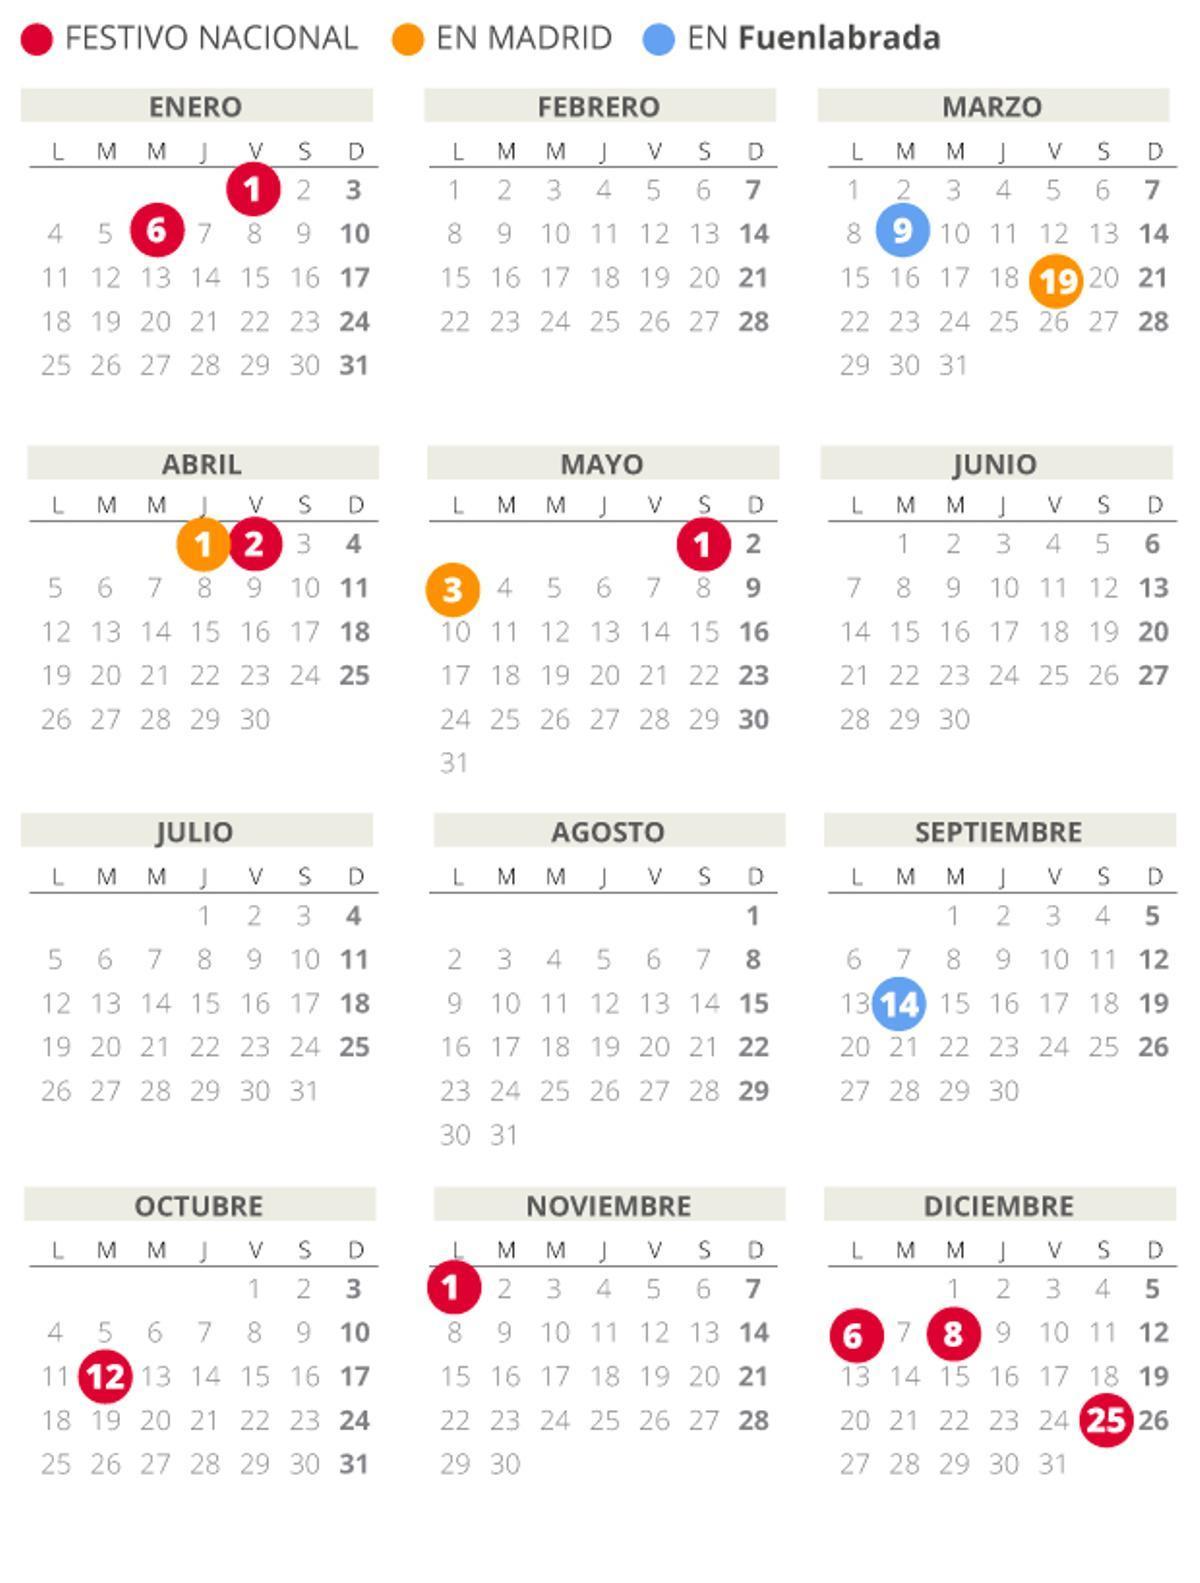 Calendario laboral de Fuenlabrada del 2021.